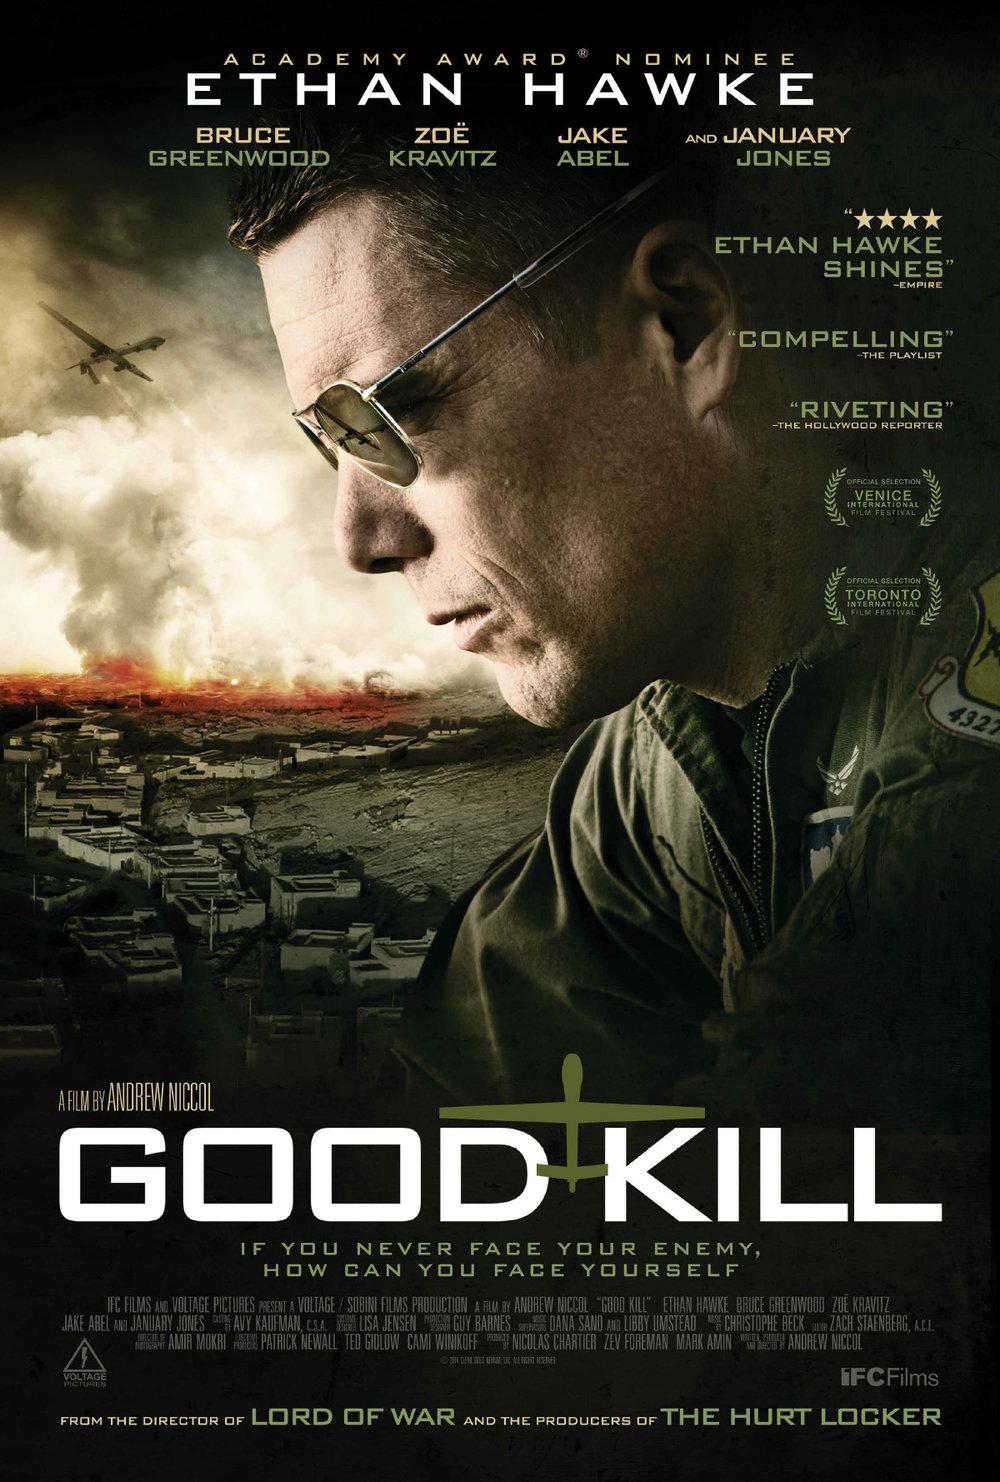 GOODKILL_Poster_web.jpg